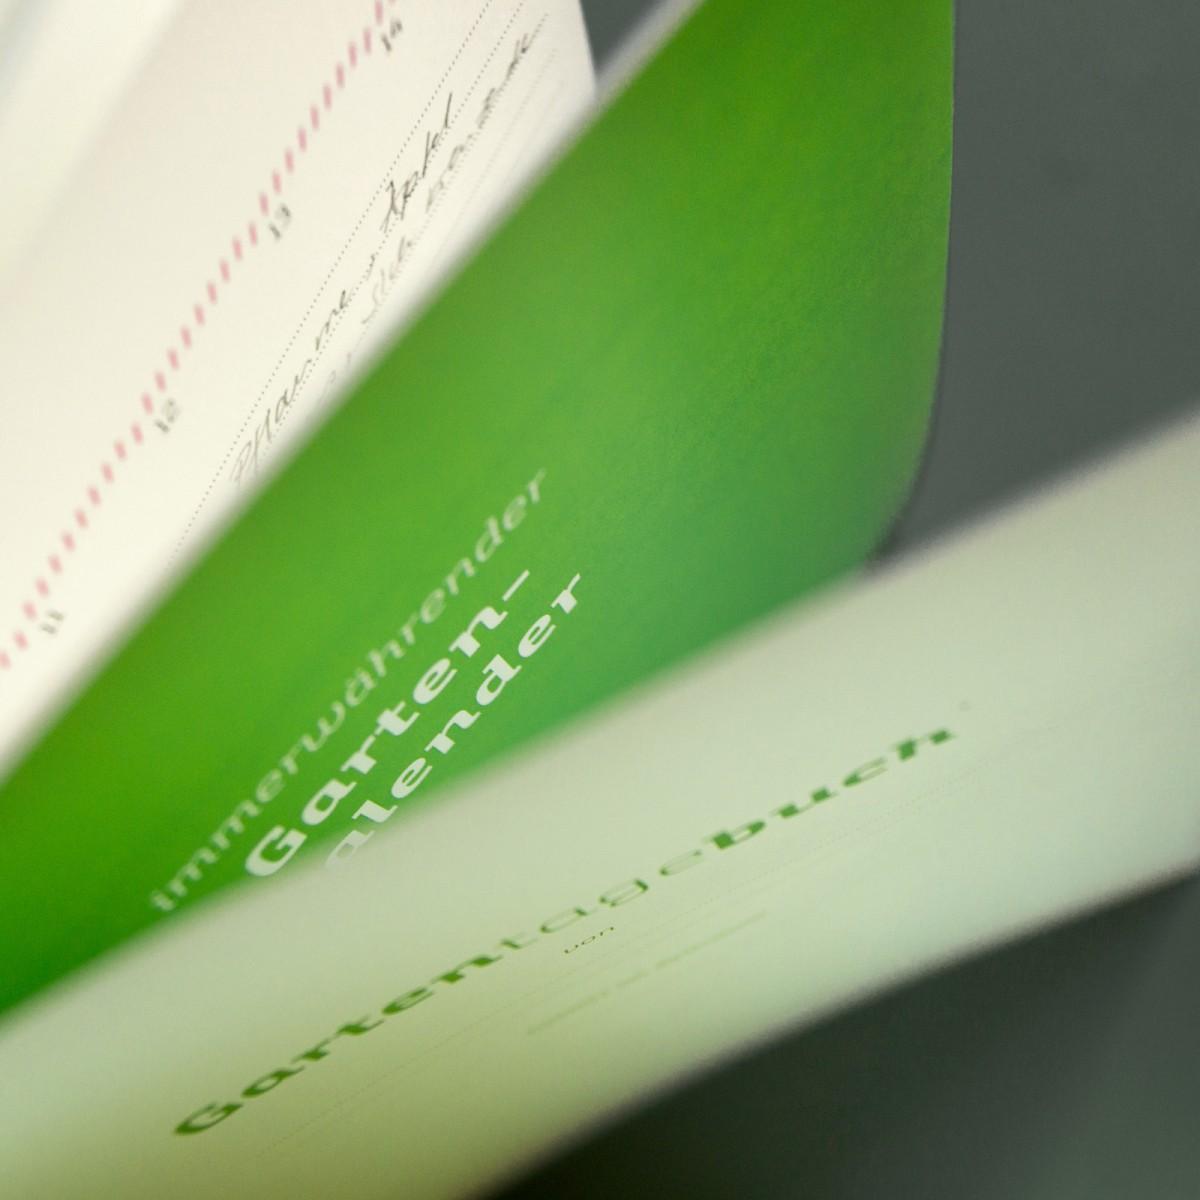 Gartentagebuch, immerwährender Kalender, Gartenchronik und Notizbuch für Hobbygärtner